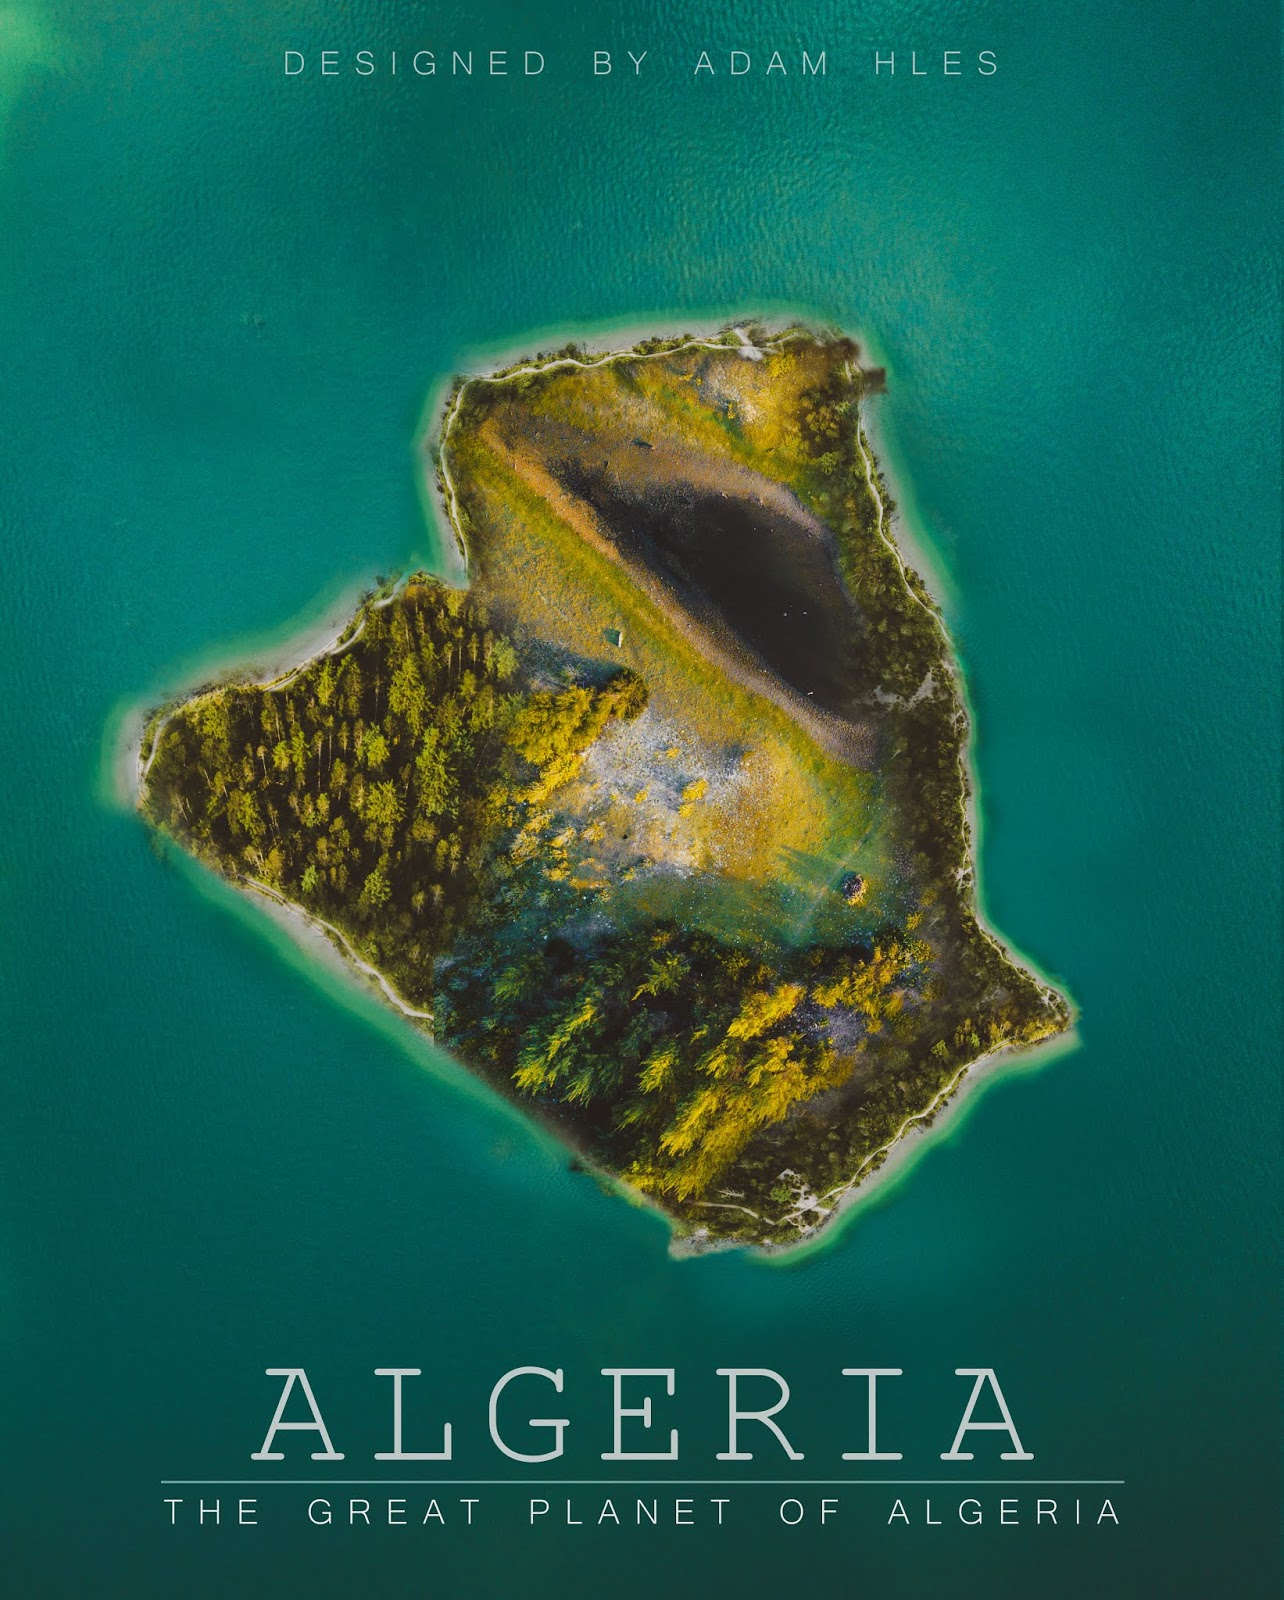 خلفيات الجزائر